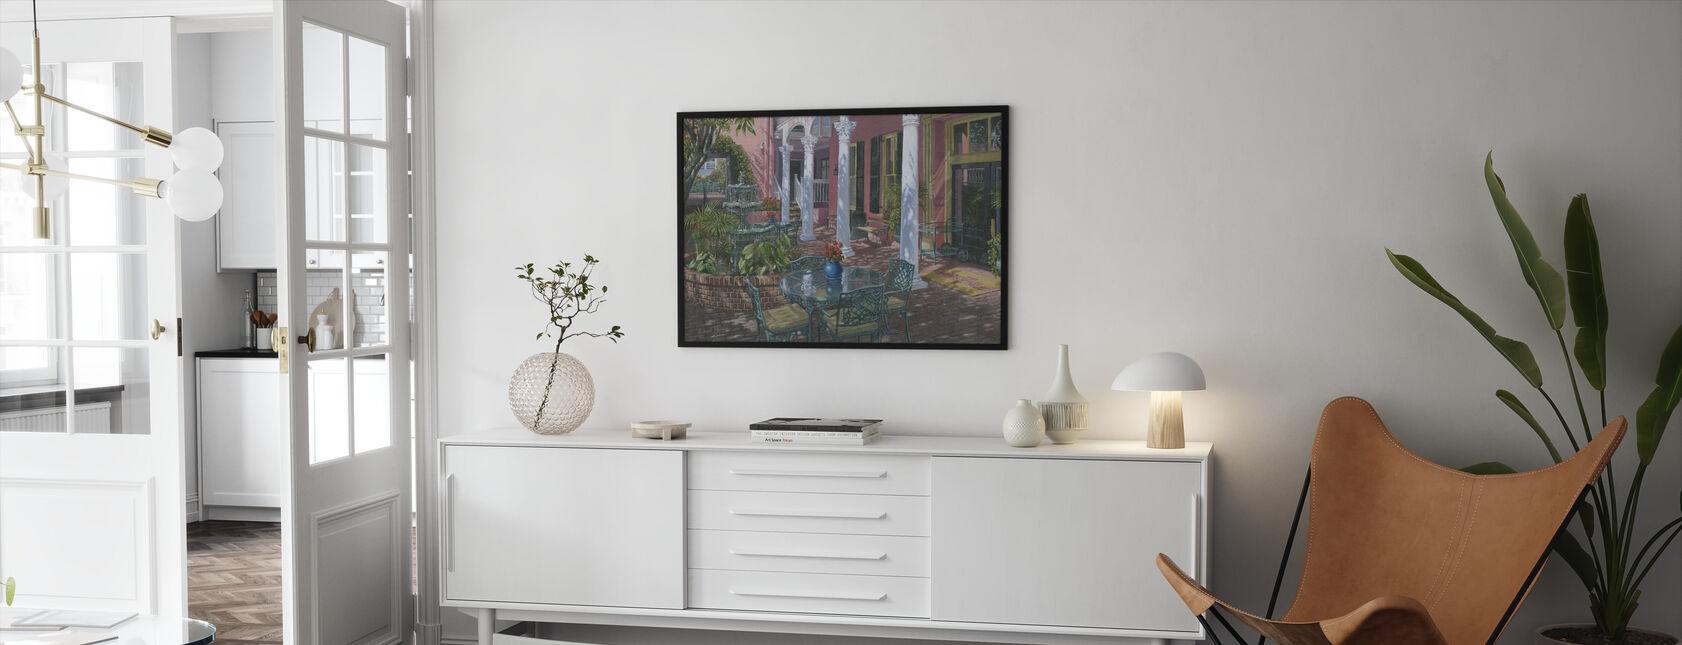 Meeting Street Inn Charleston - Framed print - Living Room